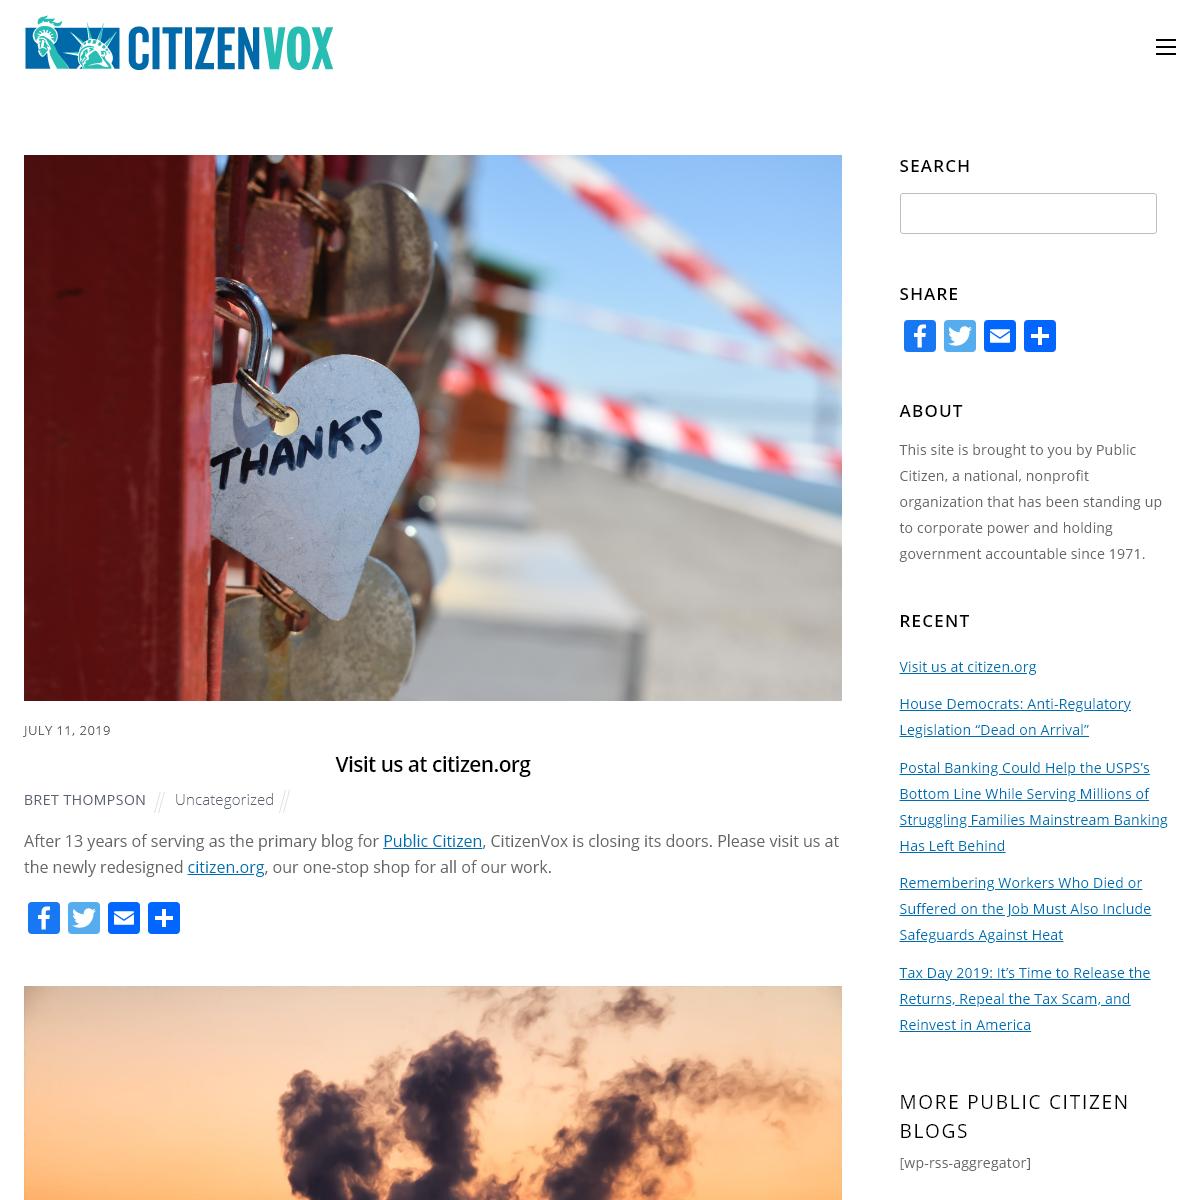 CitizenVox - CitizenVox